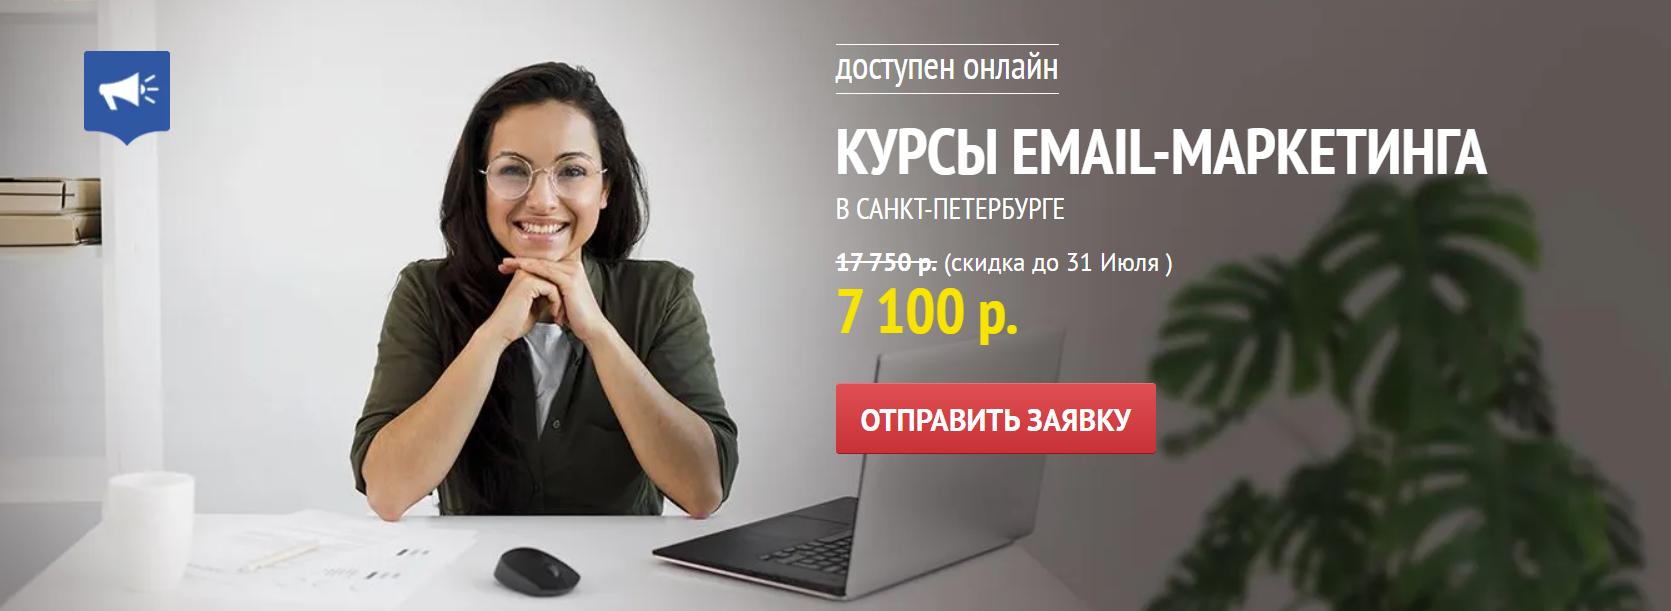 Отзывы о курсе - Email-маркетинг от Международной школы профессий